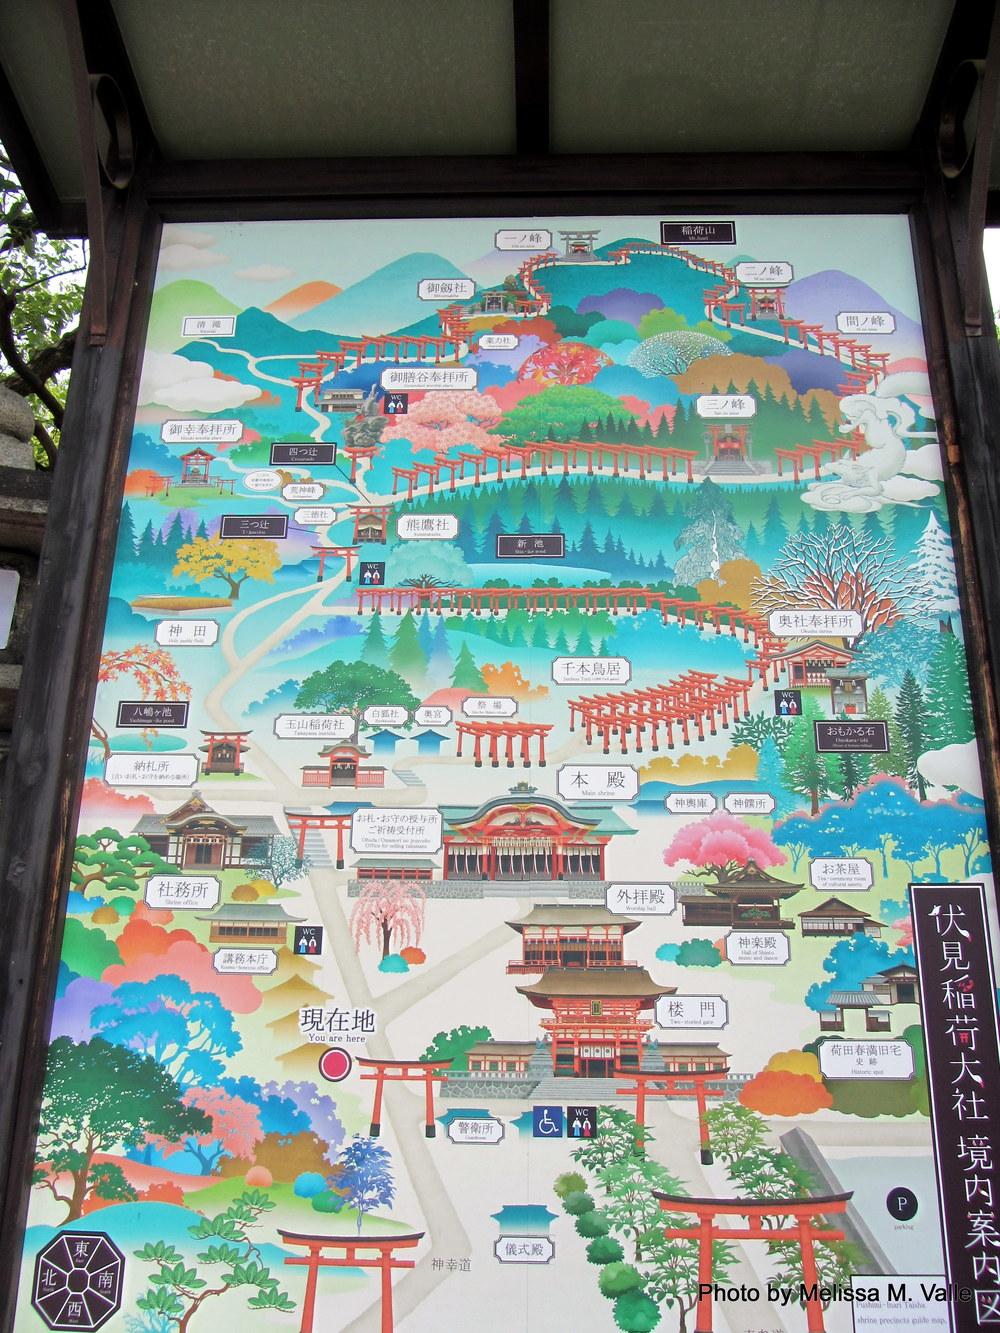 7.19.14 Kyoto, Japan- Fushimi Inari Taisha Shrine (3).JPG